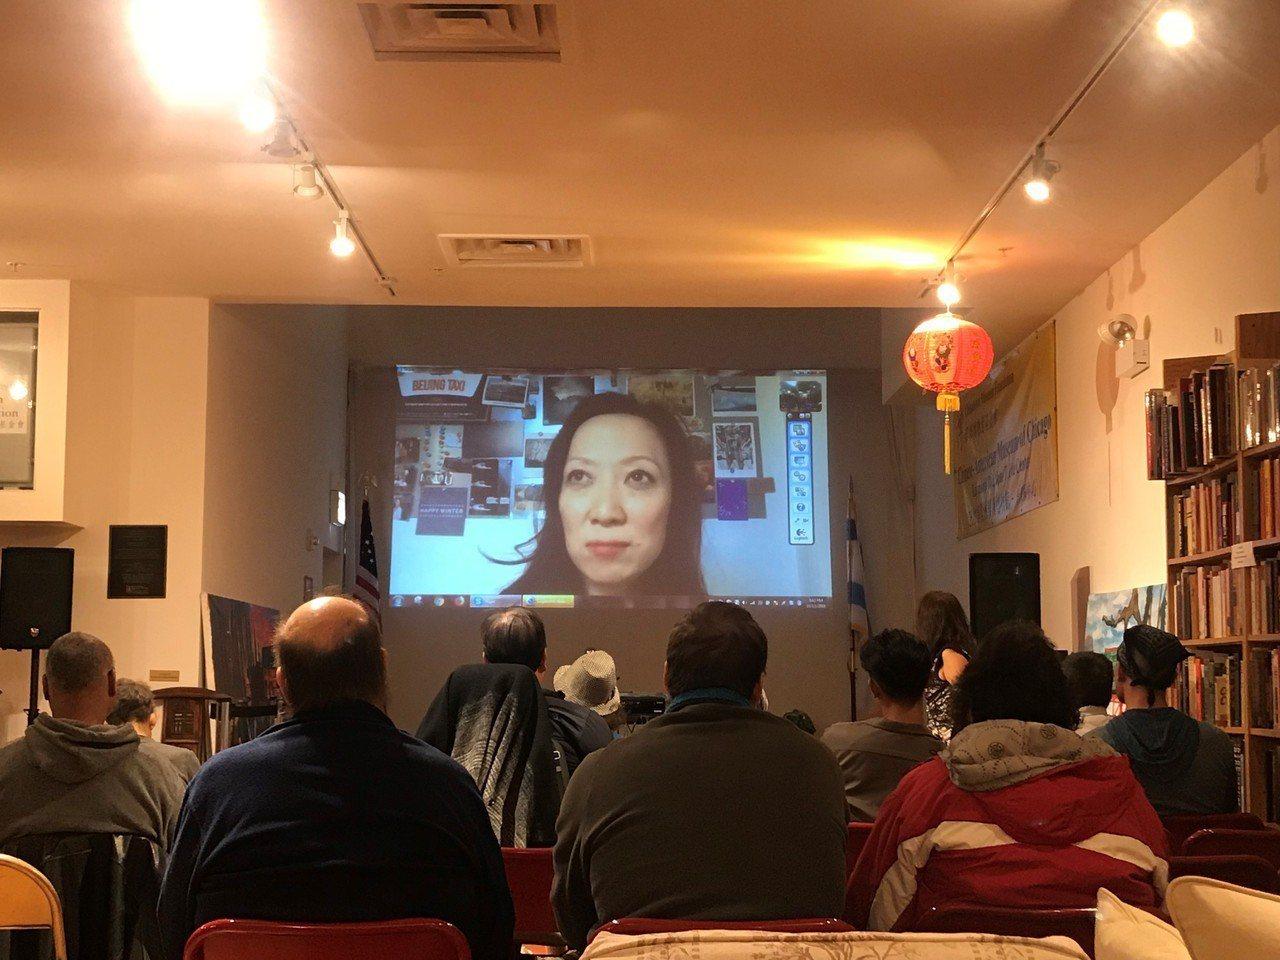 「尋岸」芝加哥播映,詳實記錄中國留學生衝擊及調適。 記者黃惠玲攝影